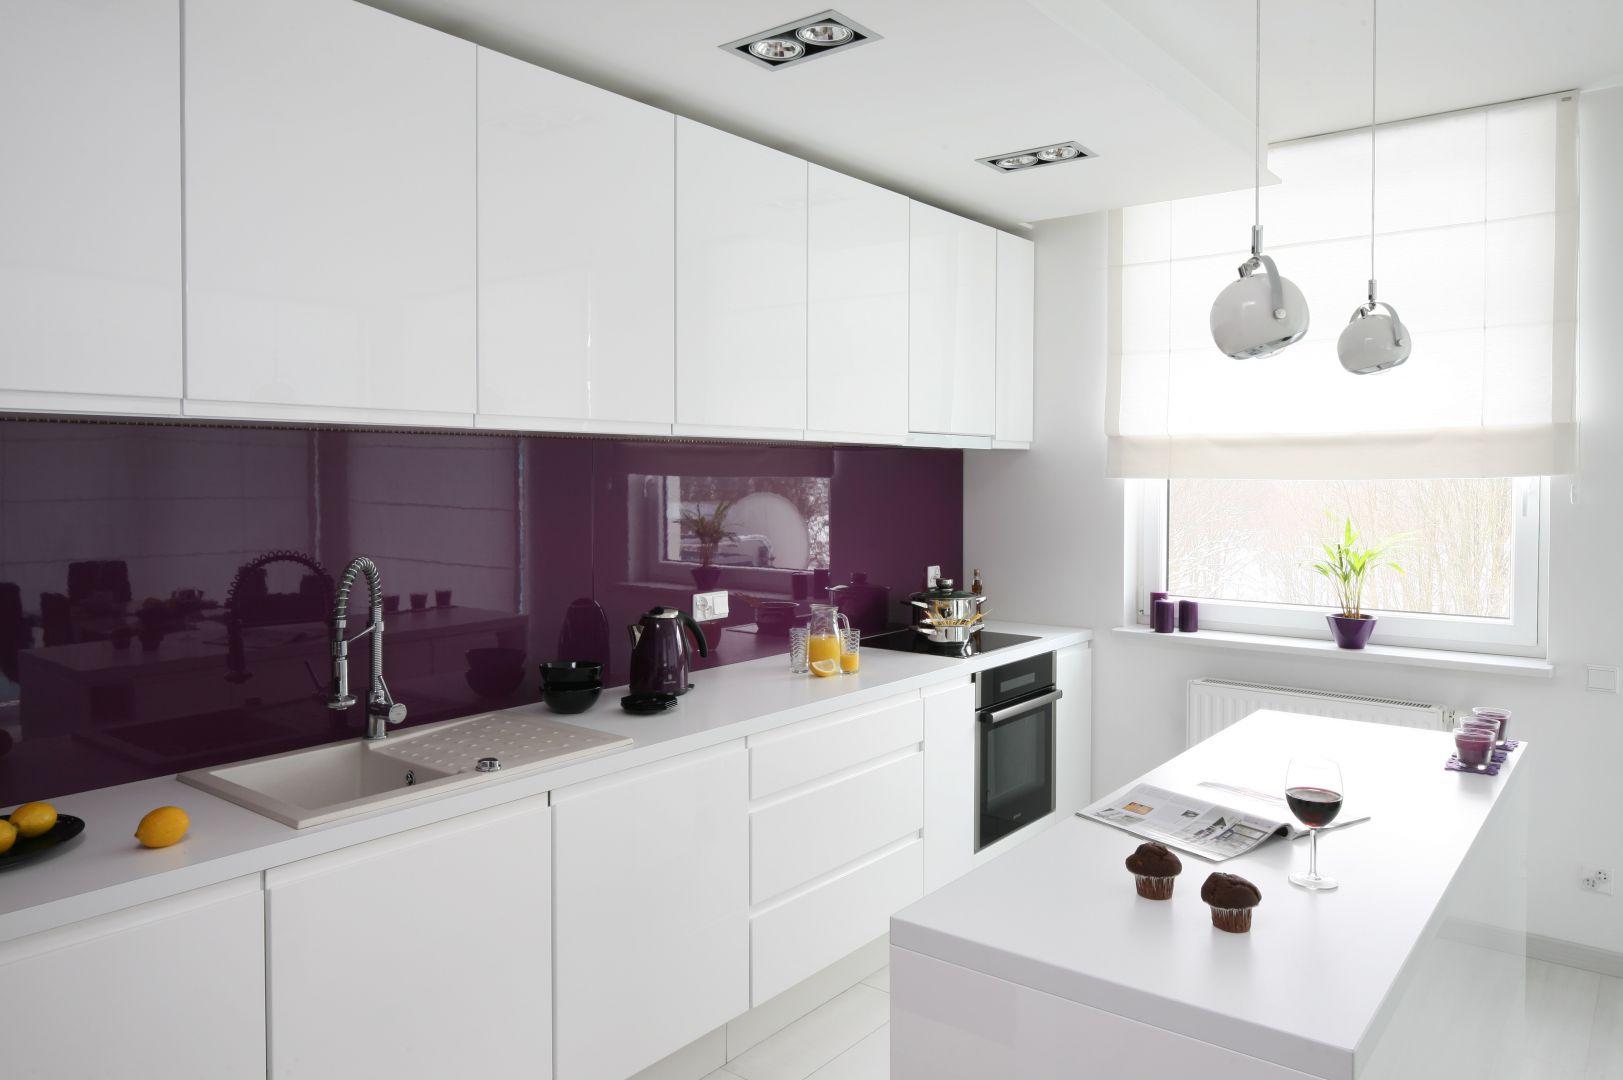 Zabudowa kuchenna wykonana została z lakierowanego MDF-u w dwóch kolorach: białym i fioletowym. Typowe uchwyty zastąpiły tu podfrezowania we frontach. Fot. Bartosz Jarosz.